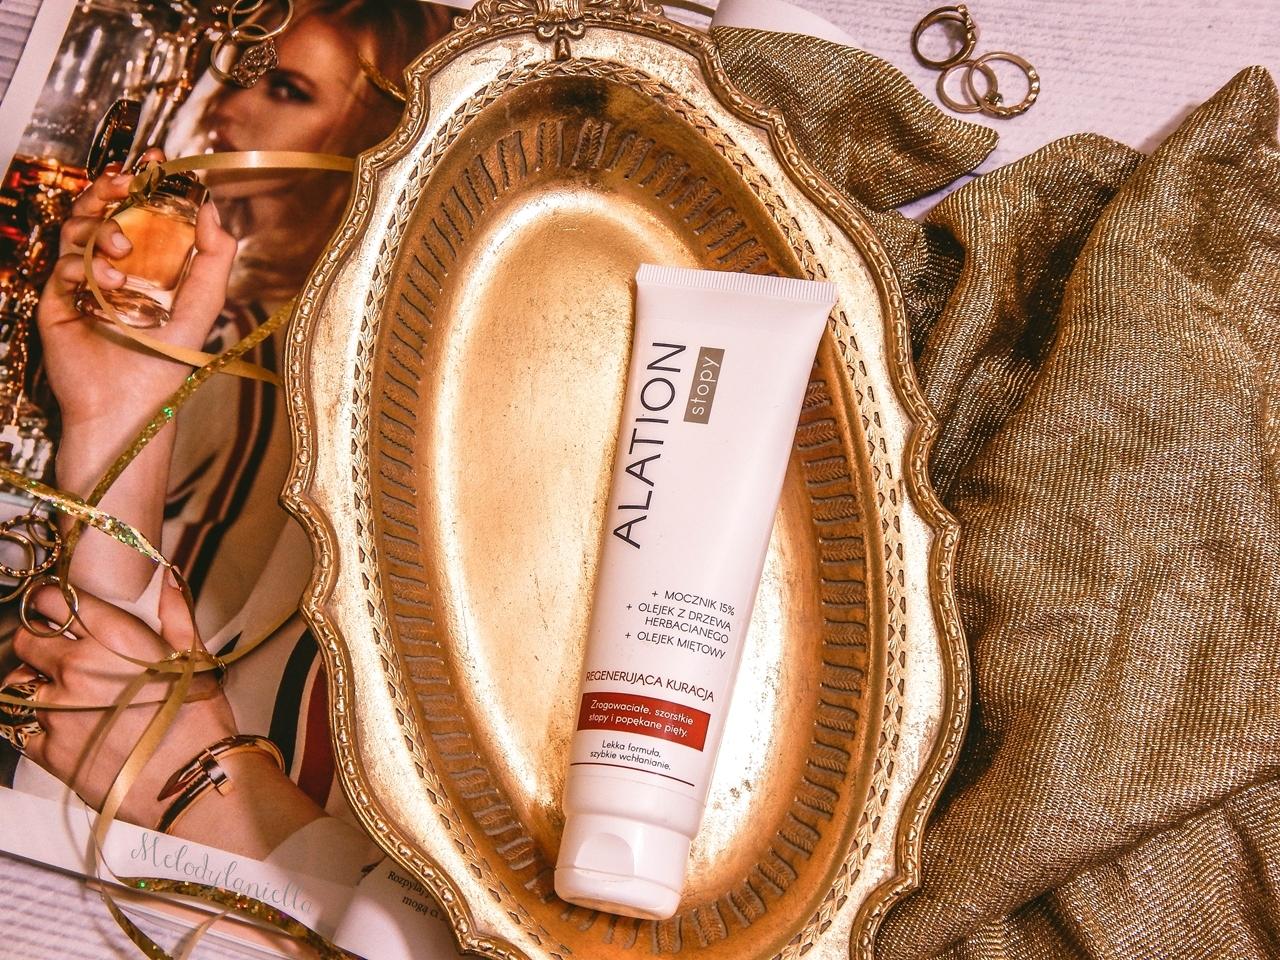 5 ziołolek Linovit a + e dermatologiczny żel do mycia z witaminami  recenzja opinia działanie krem do stóp schodząca skóra zrogowaniała skóra popękane pięty